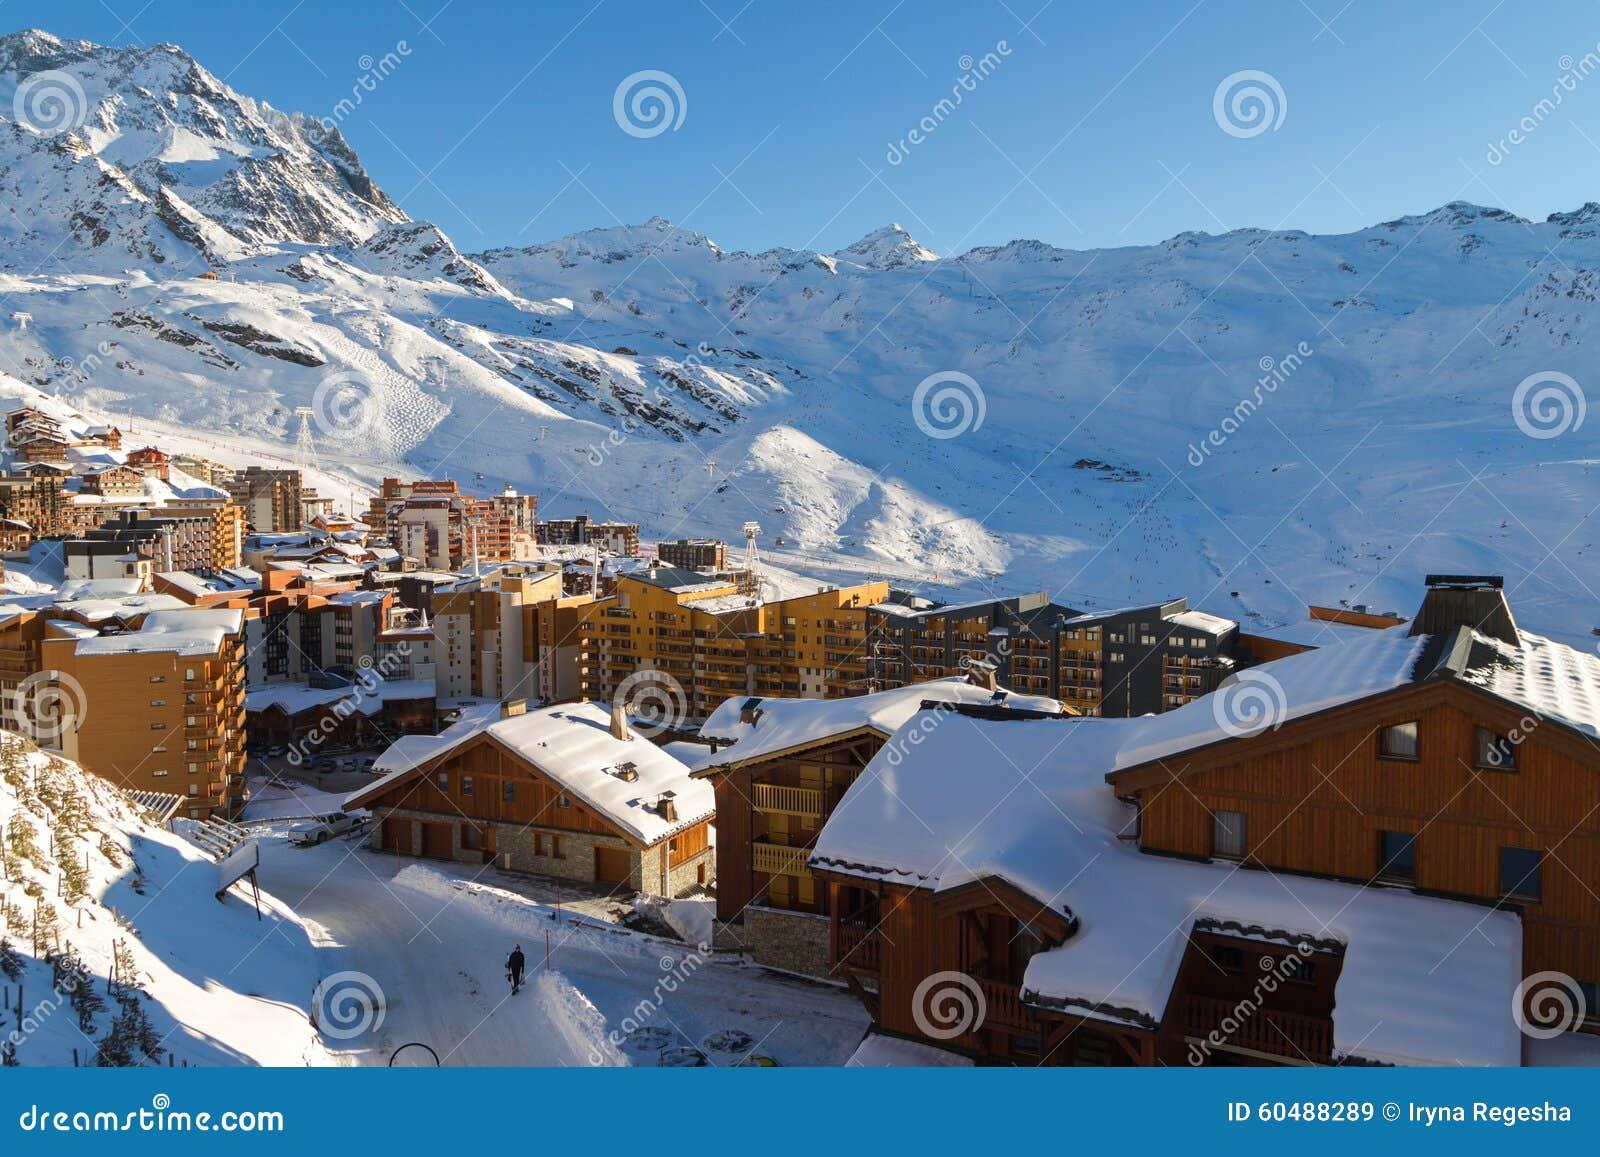 Meribel Ski Resort Three Valleys French Alps France View Of